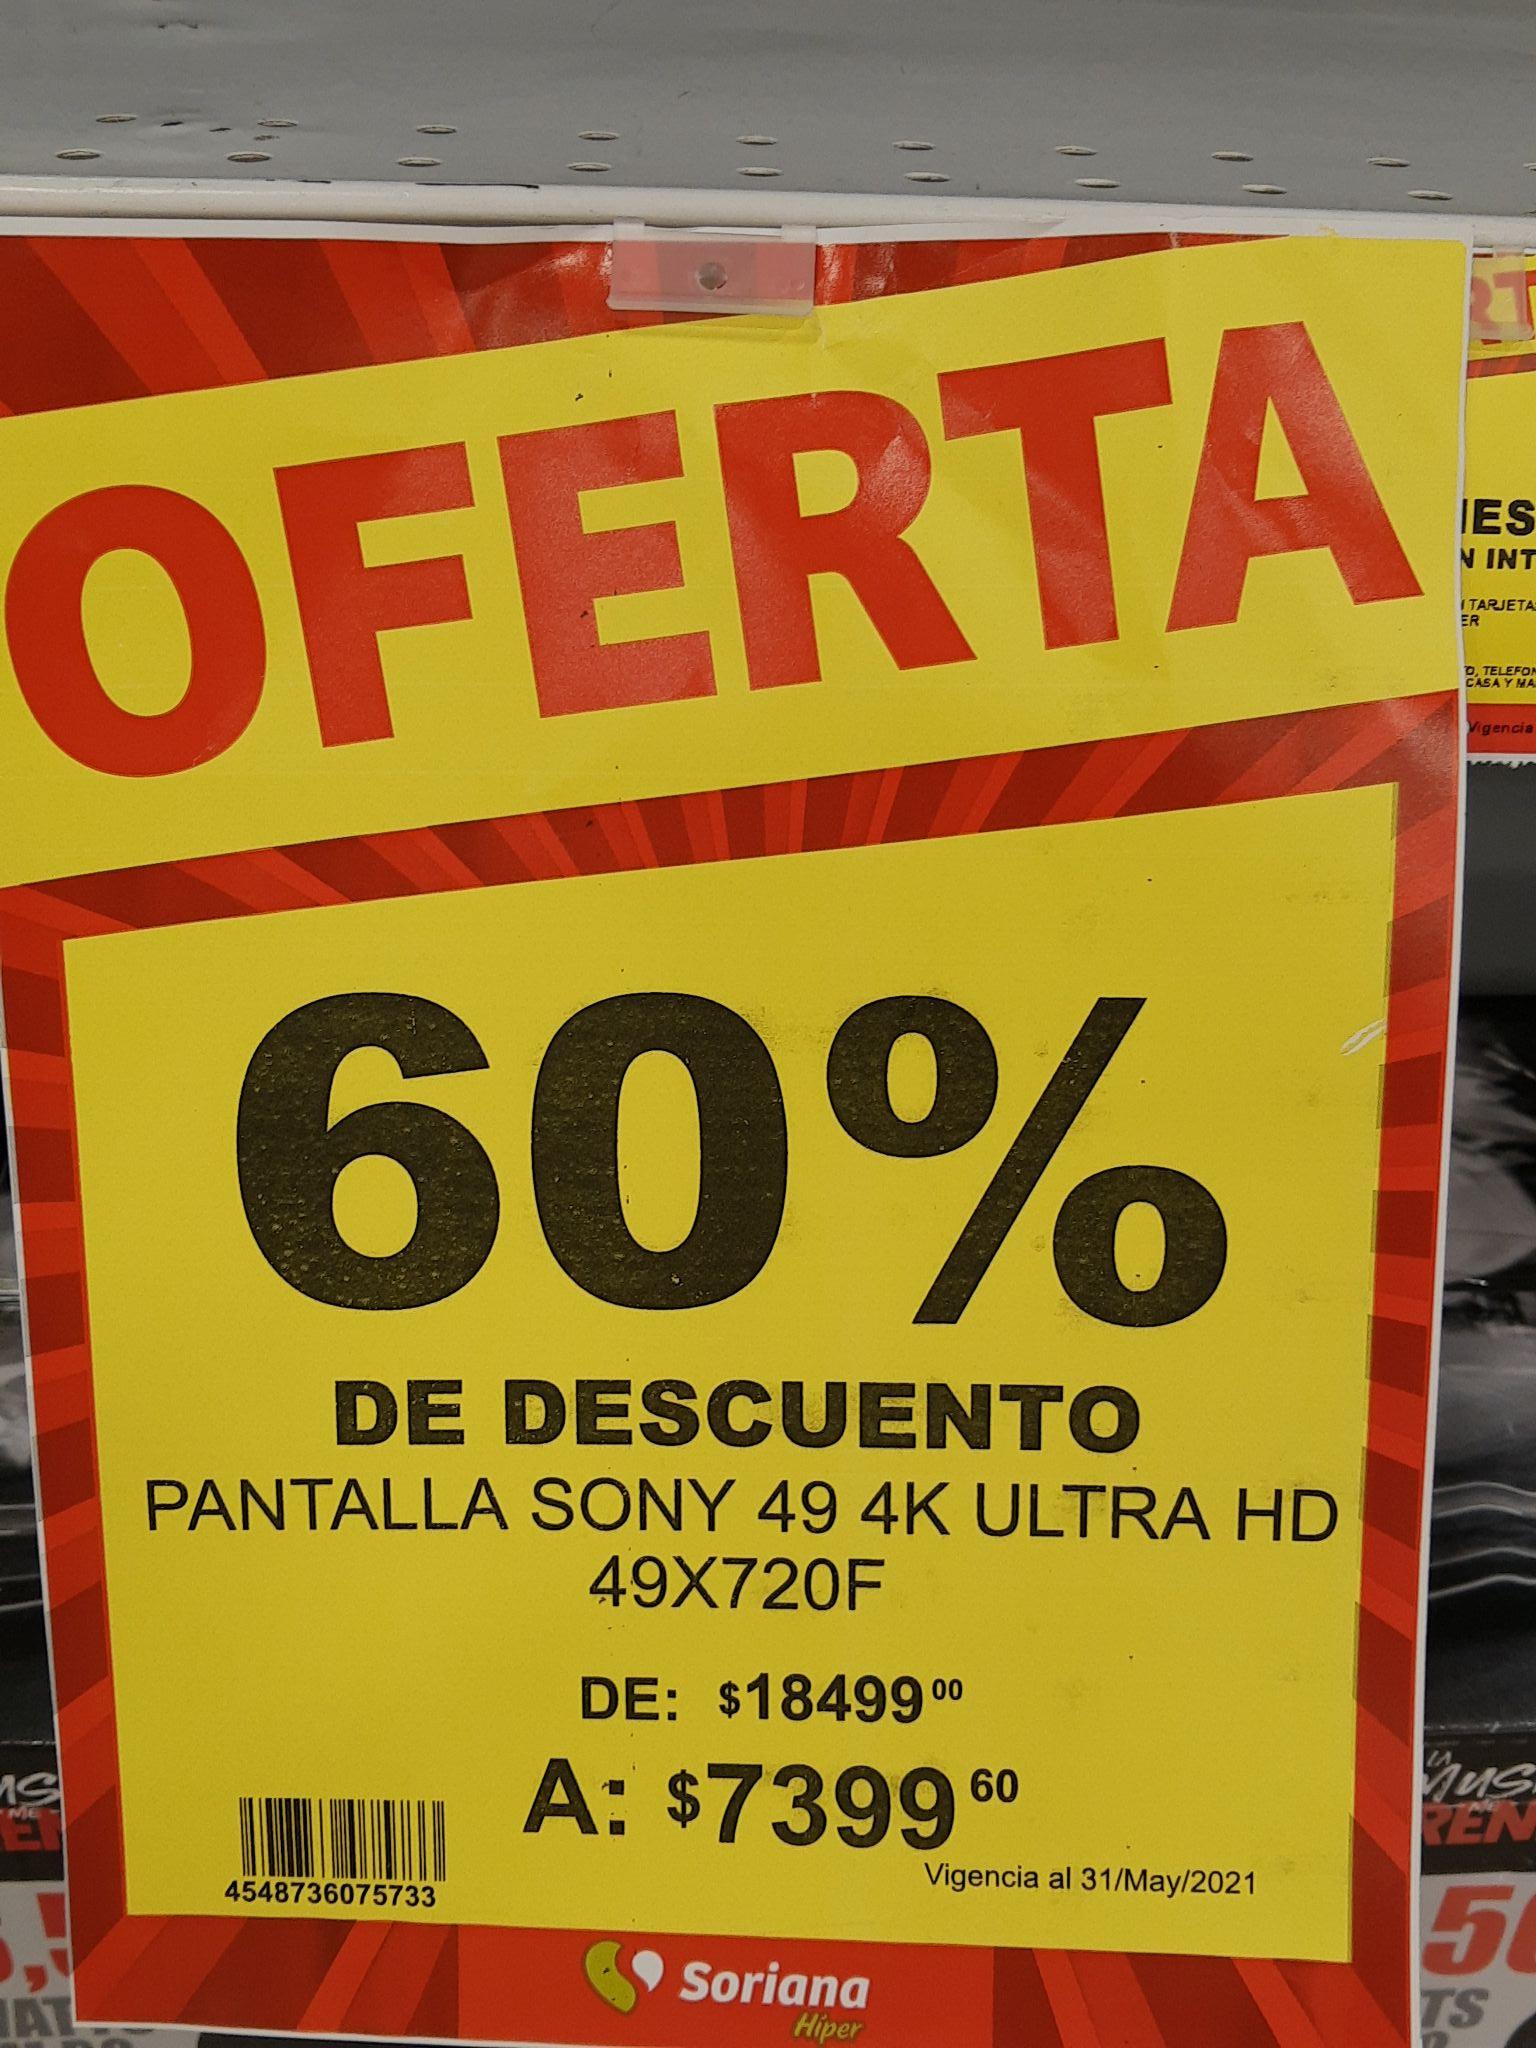 Soriana Cabo San Lucas: 60% de descuento en pantallas Sony